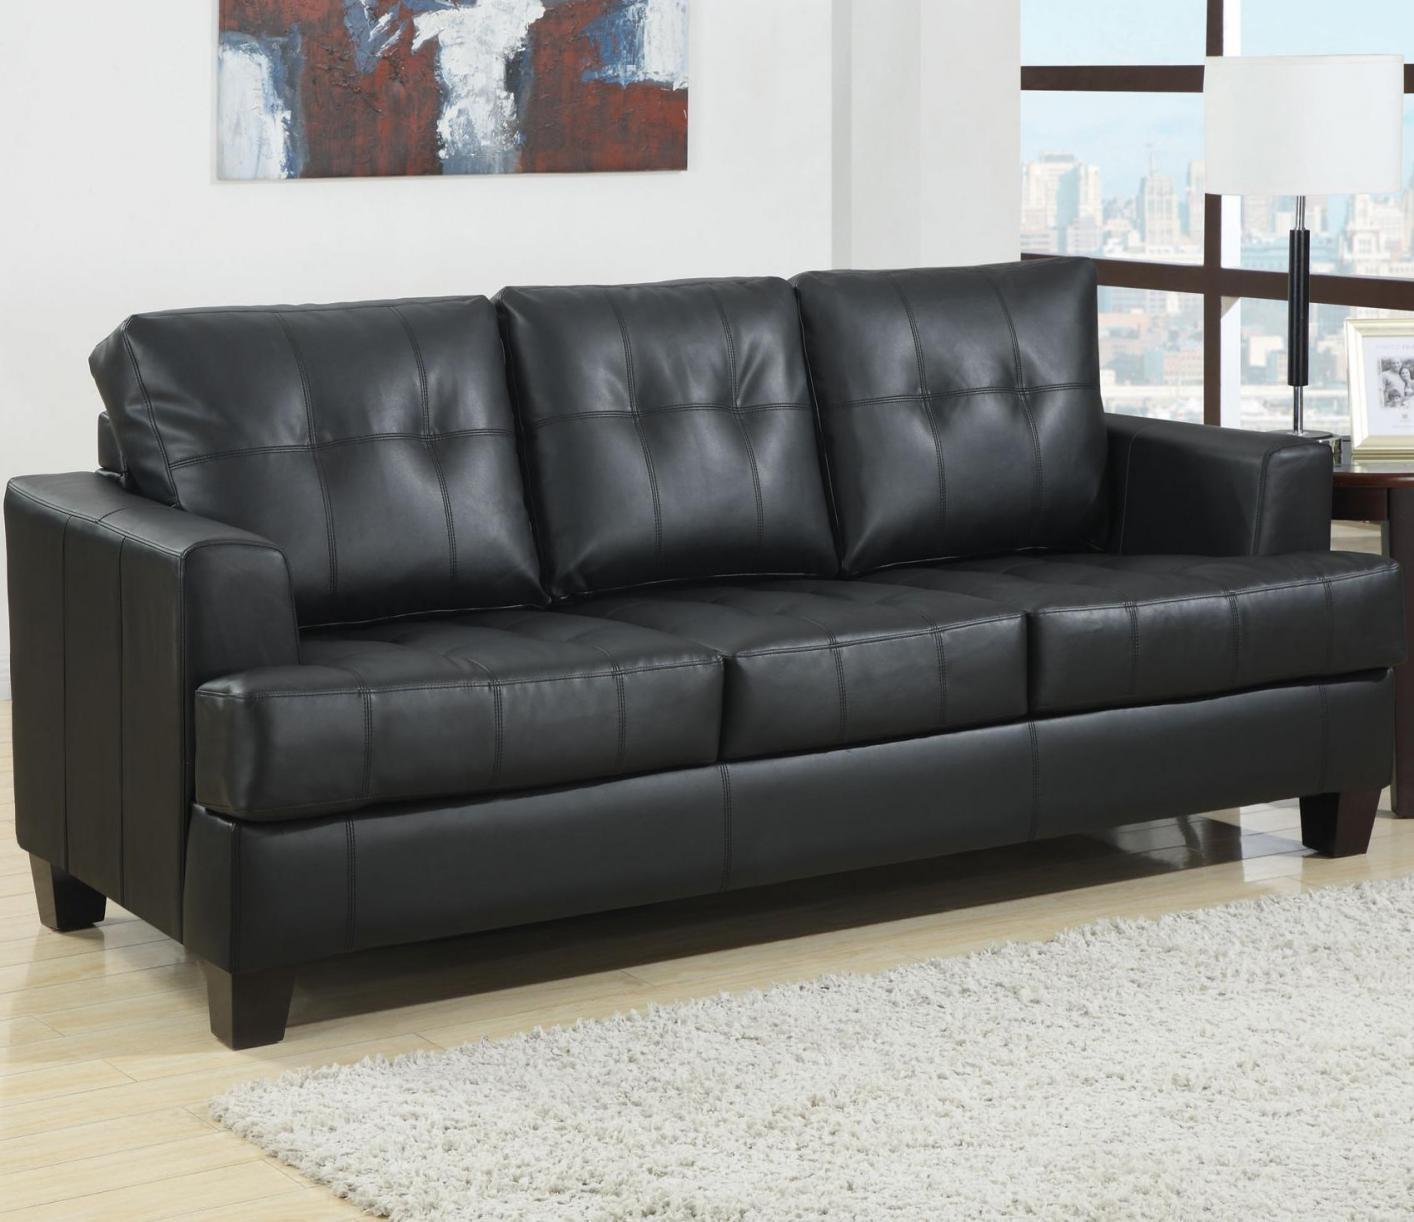 leather sofa craigslist euro futon sleeper 20 top sofas ideas